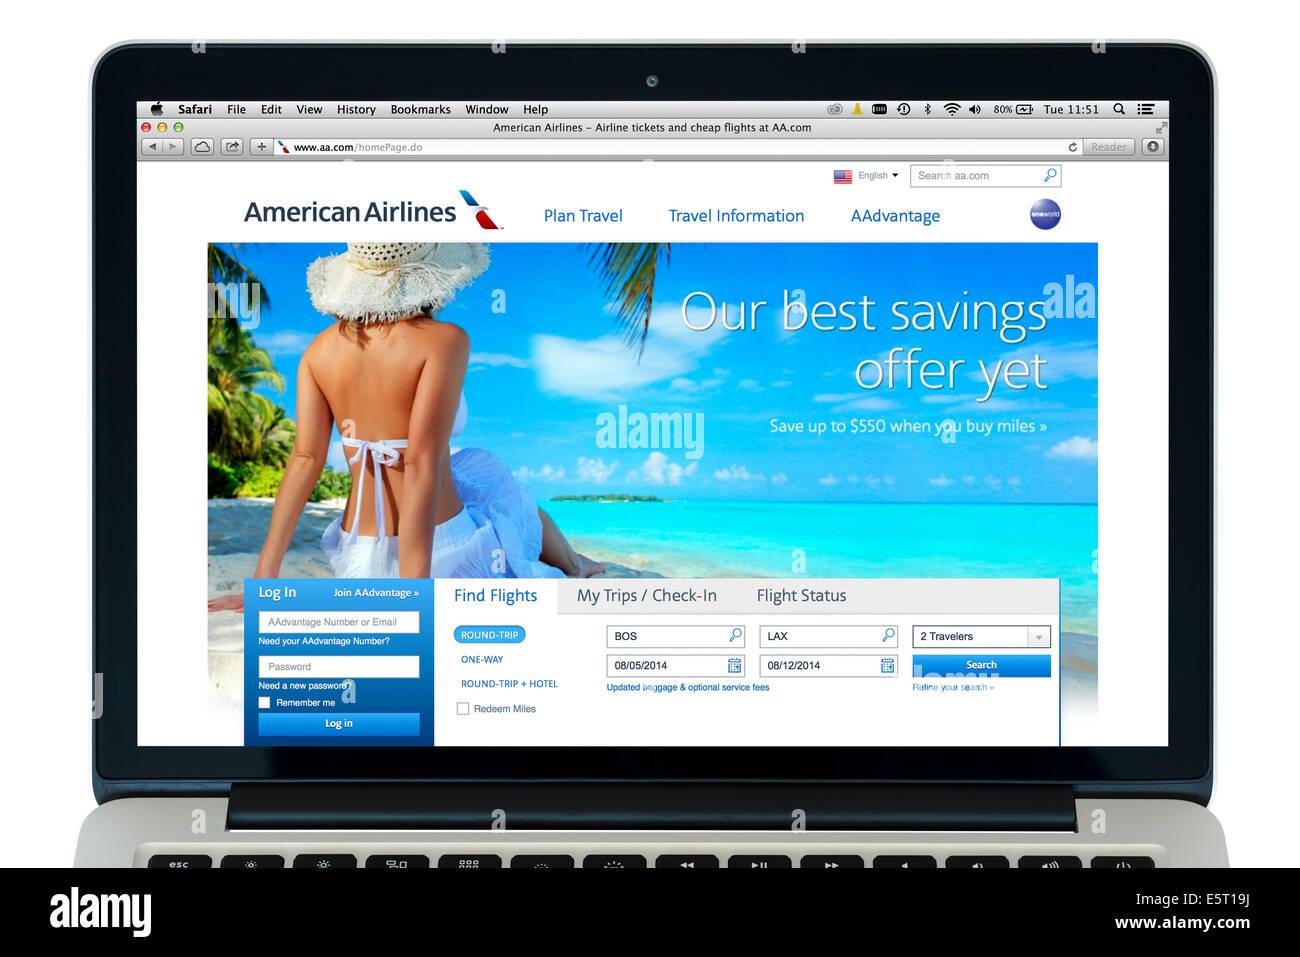 Einen American Airlines Flug buchen, auf einem 13' Apple MacBook Pro Computer, USA Stockbild